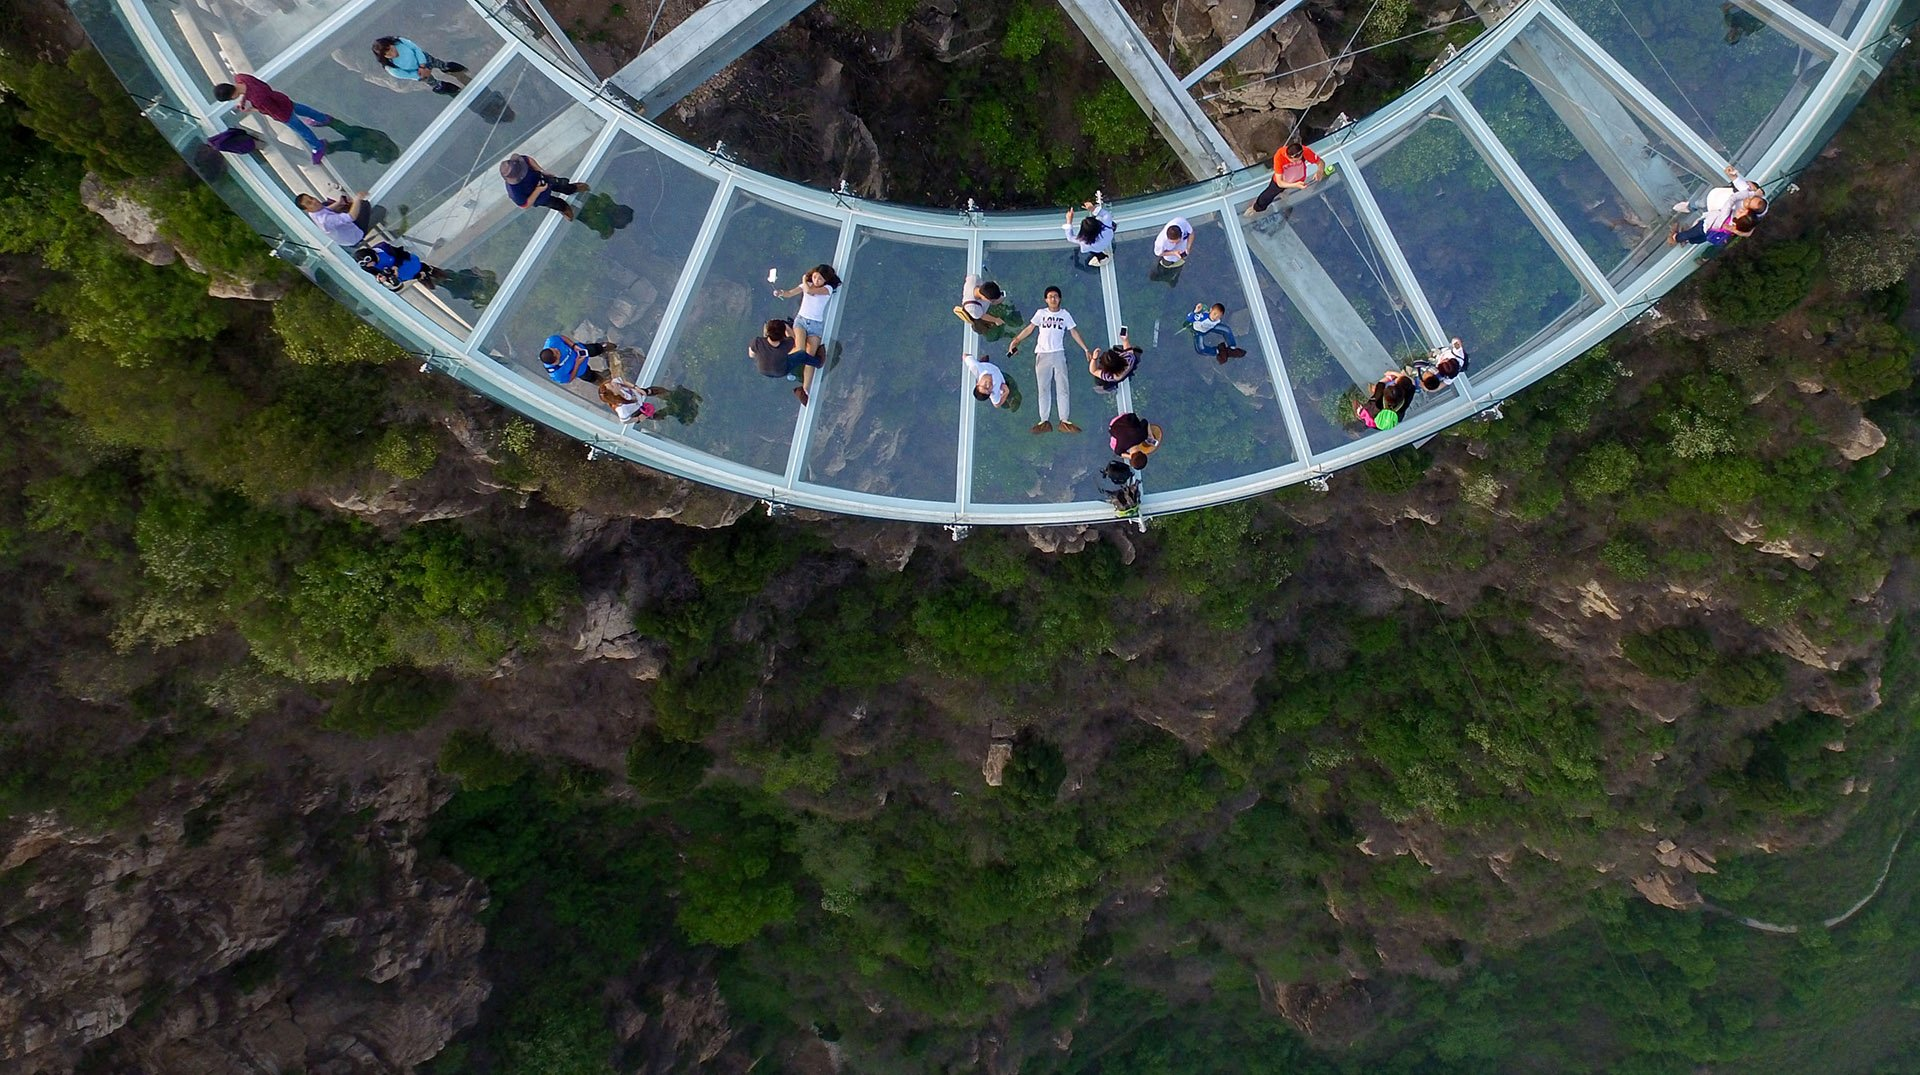 La atracción turística ofrece a los visitantes una vista vertiginosa sobre los alrededores